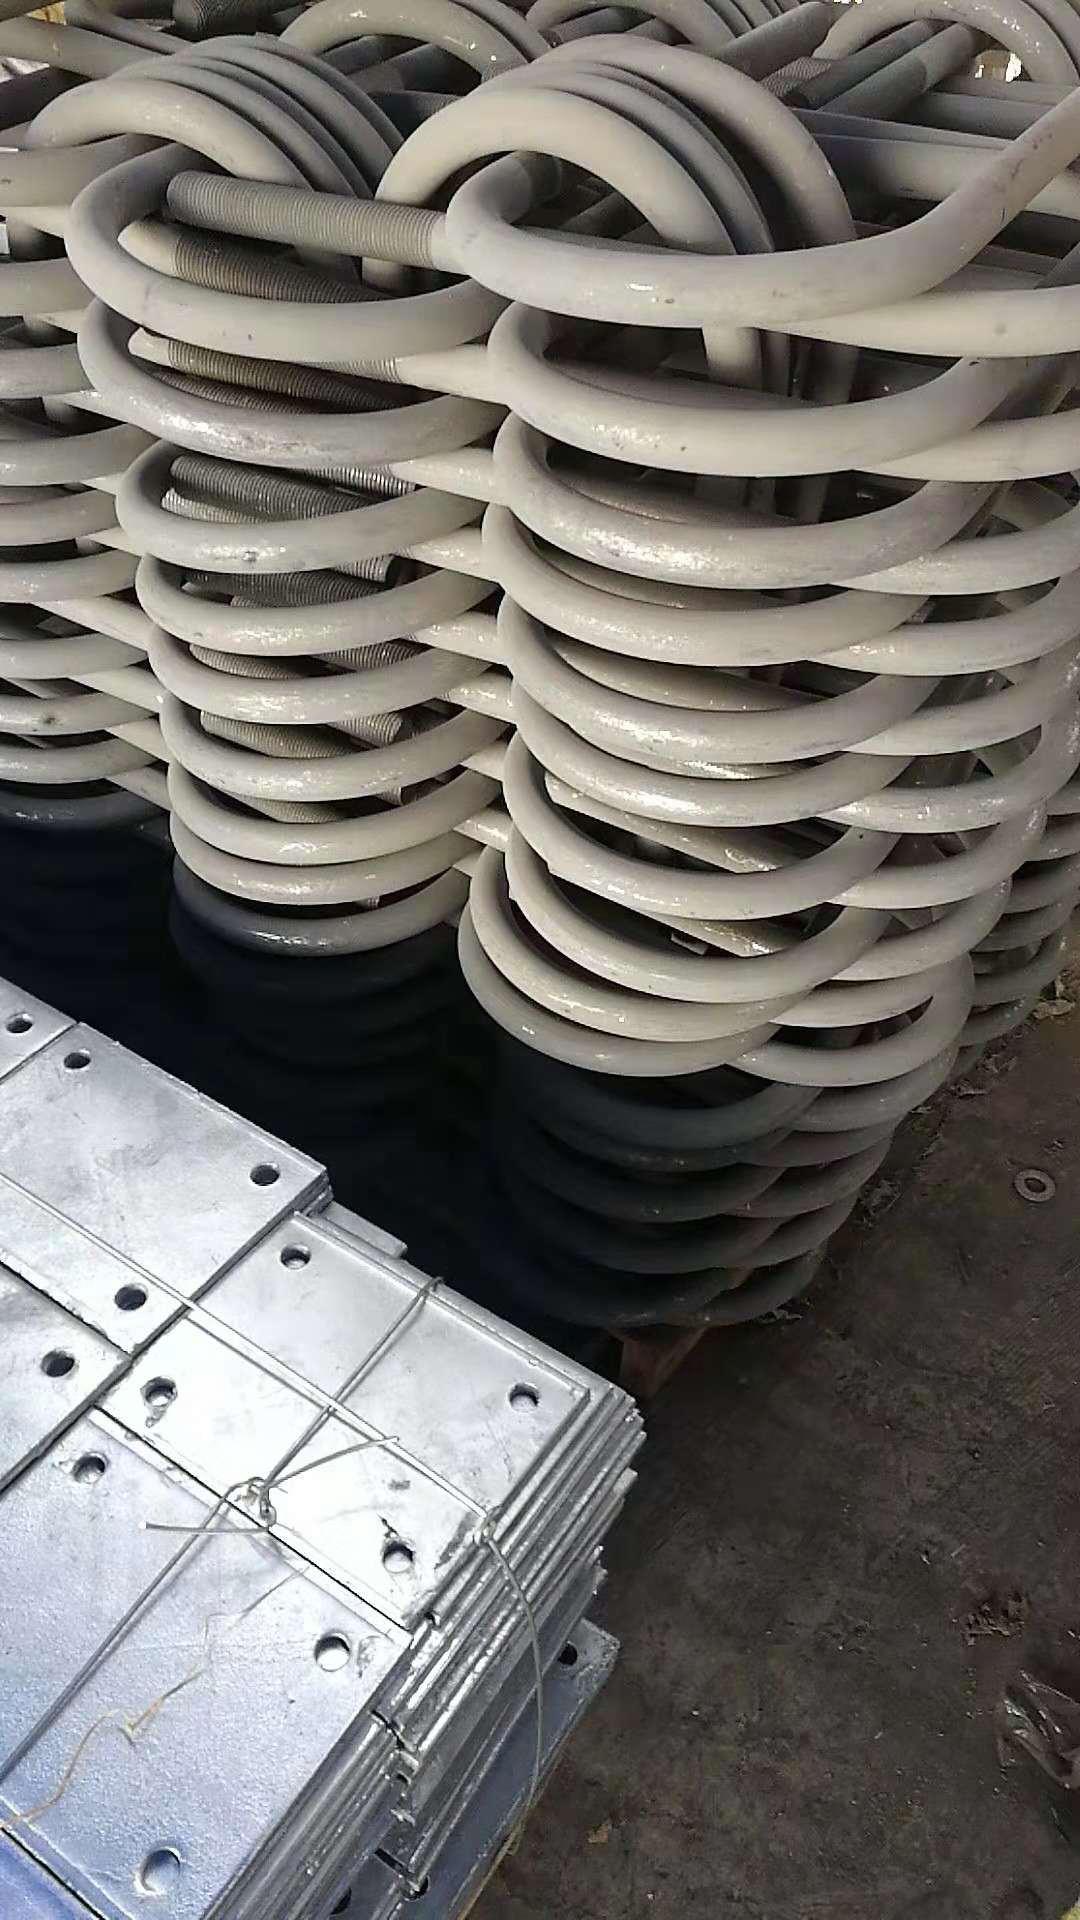 鞍山遮板预埋件 技术成熟 产品稳定 沃盛